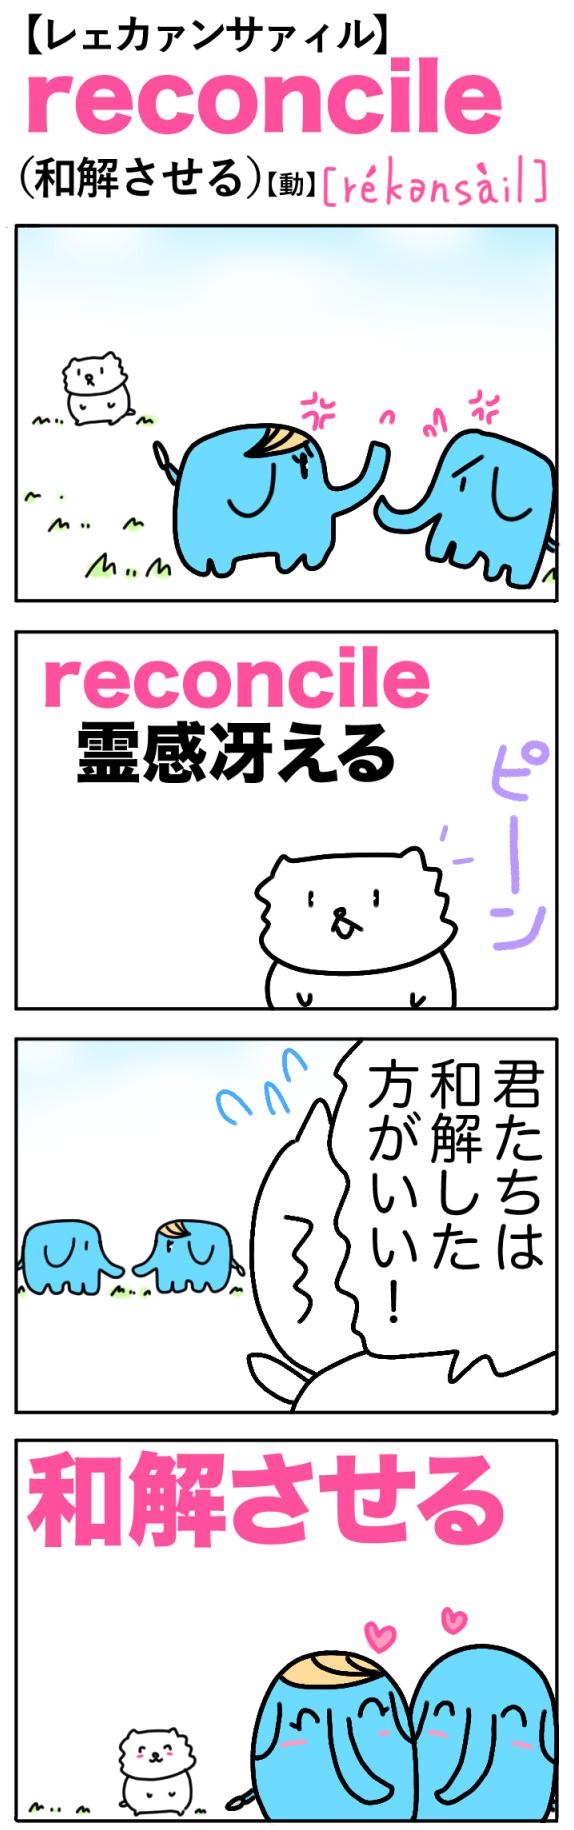 reconcile(和解させる)の語呂合わせ英単語